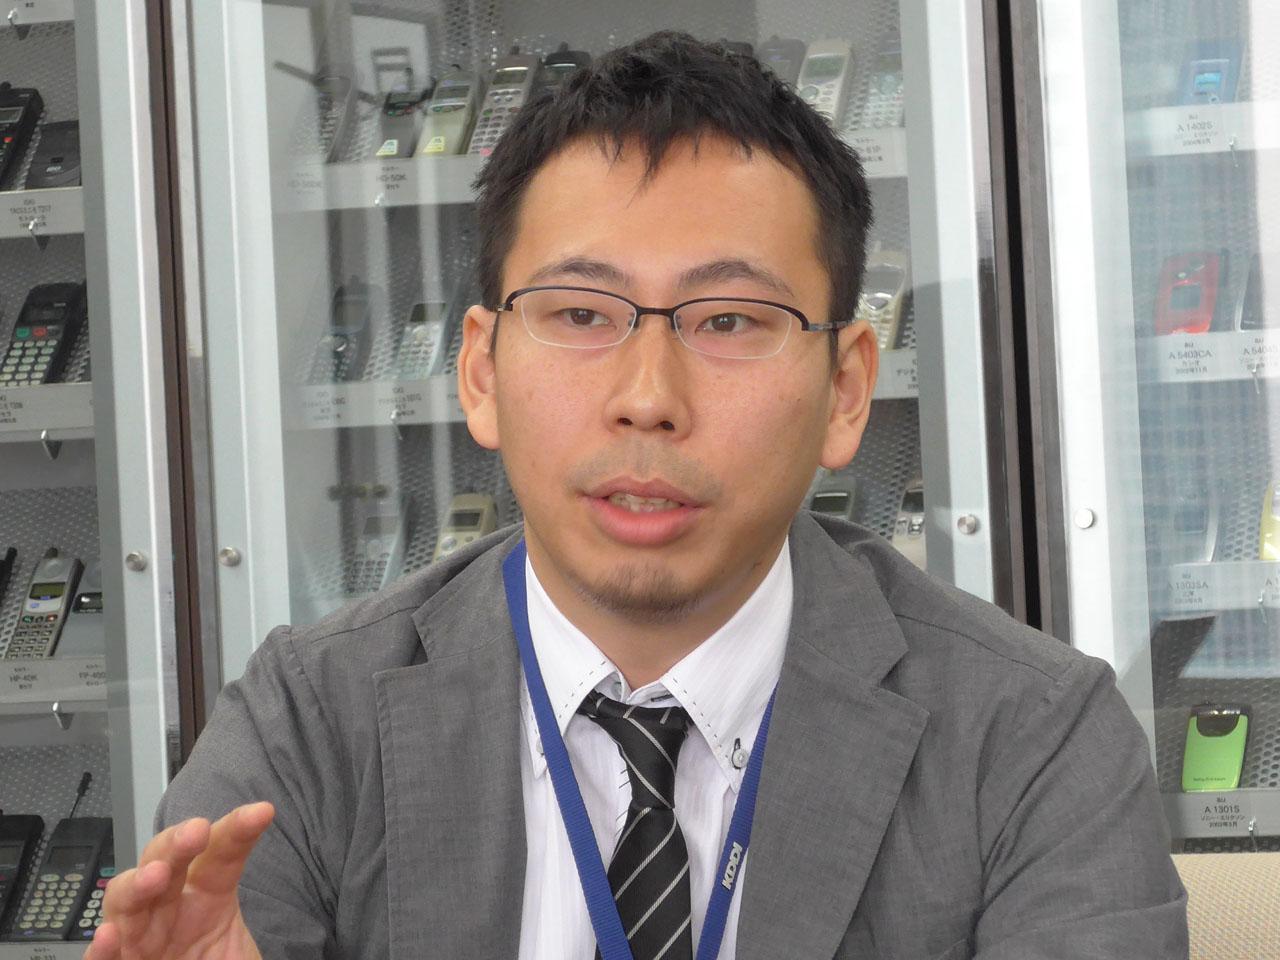 KDDI株式会社商品企画本部ホームプロダクト開発部プロダクト開発1グループ課長補佐の平間伸雄氏